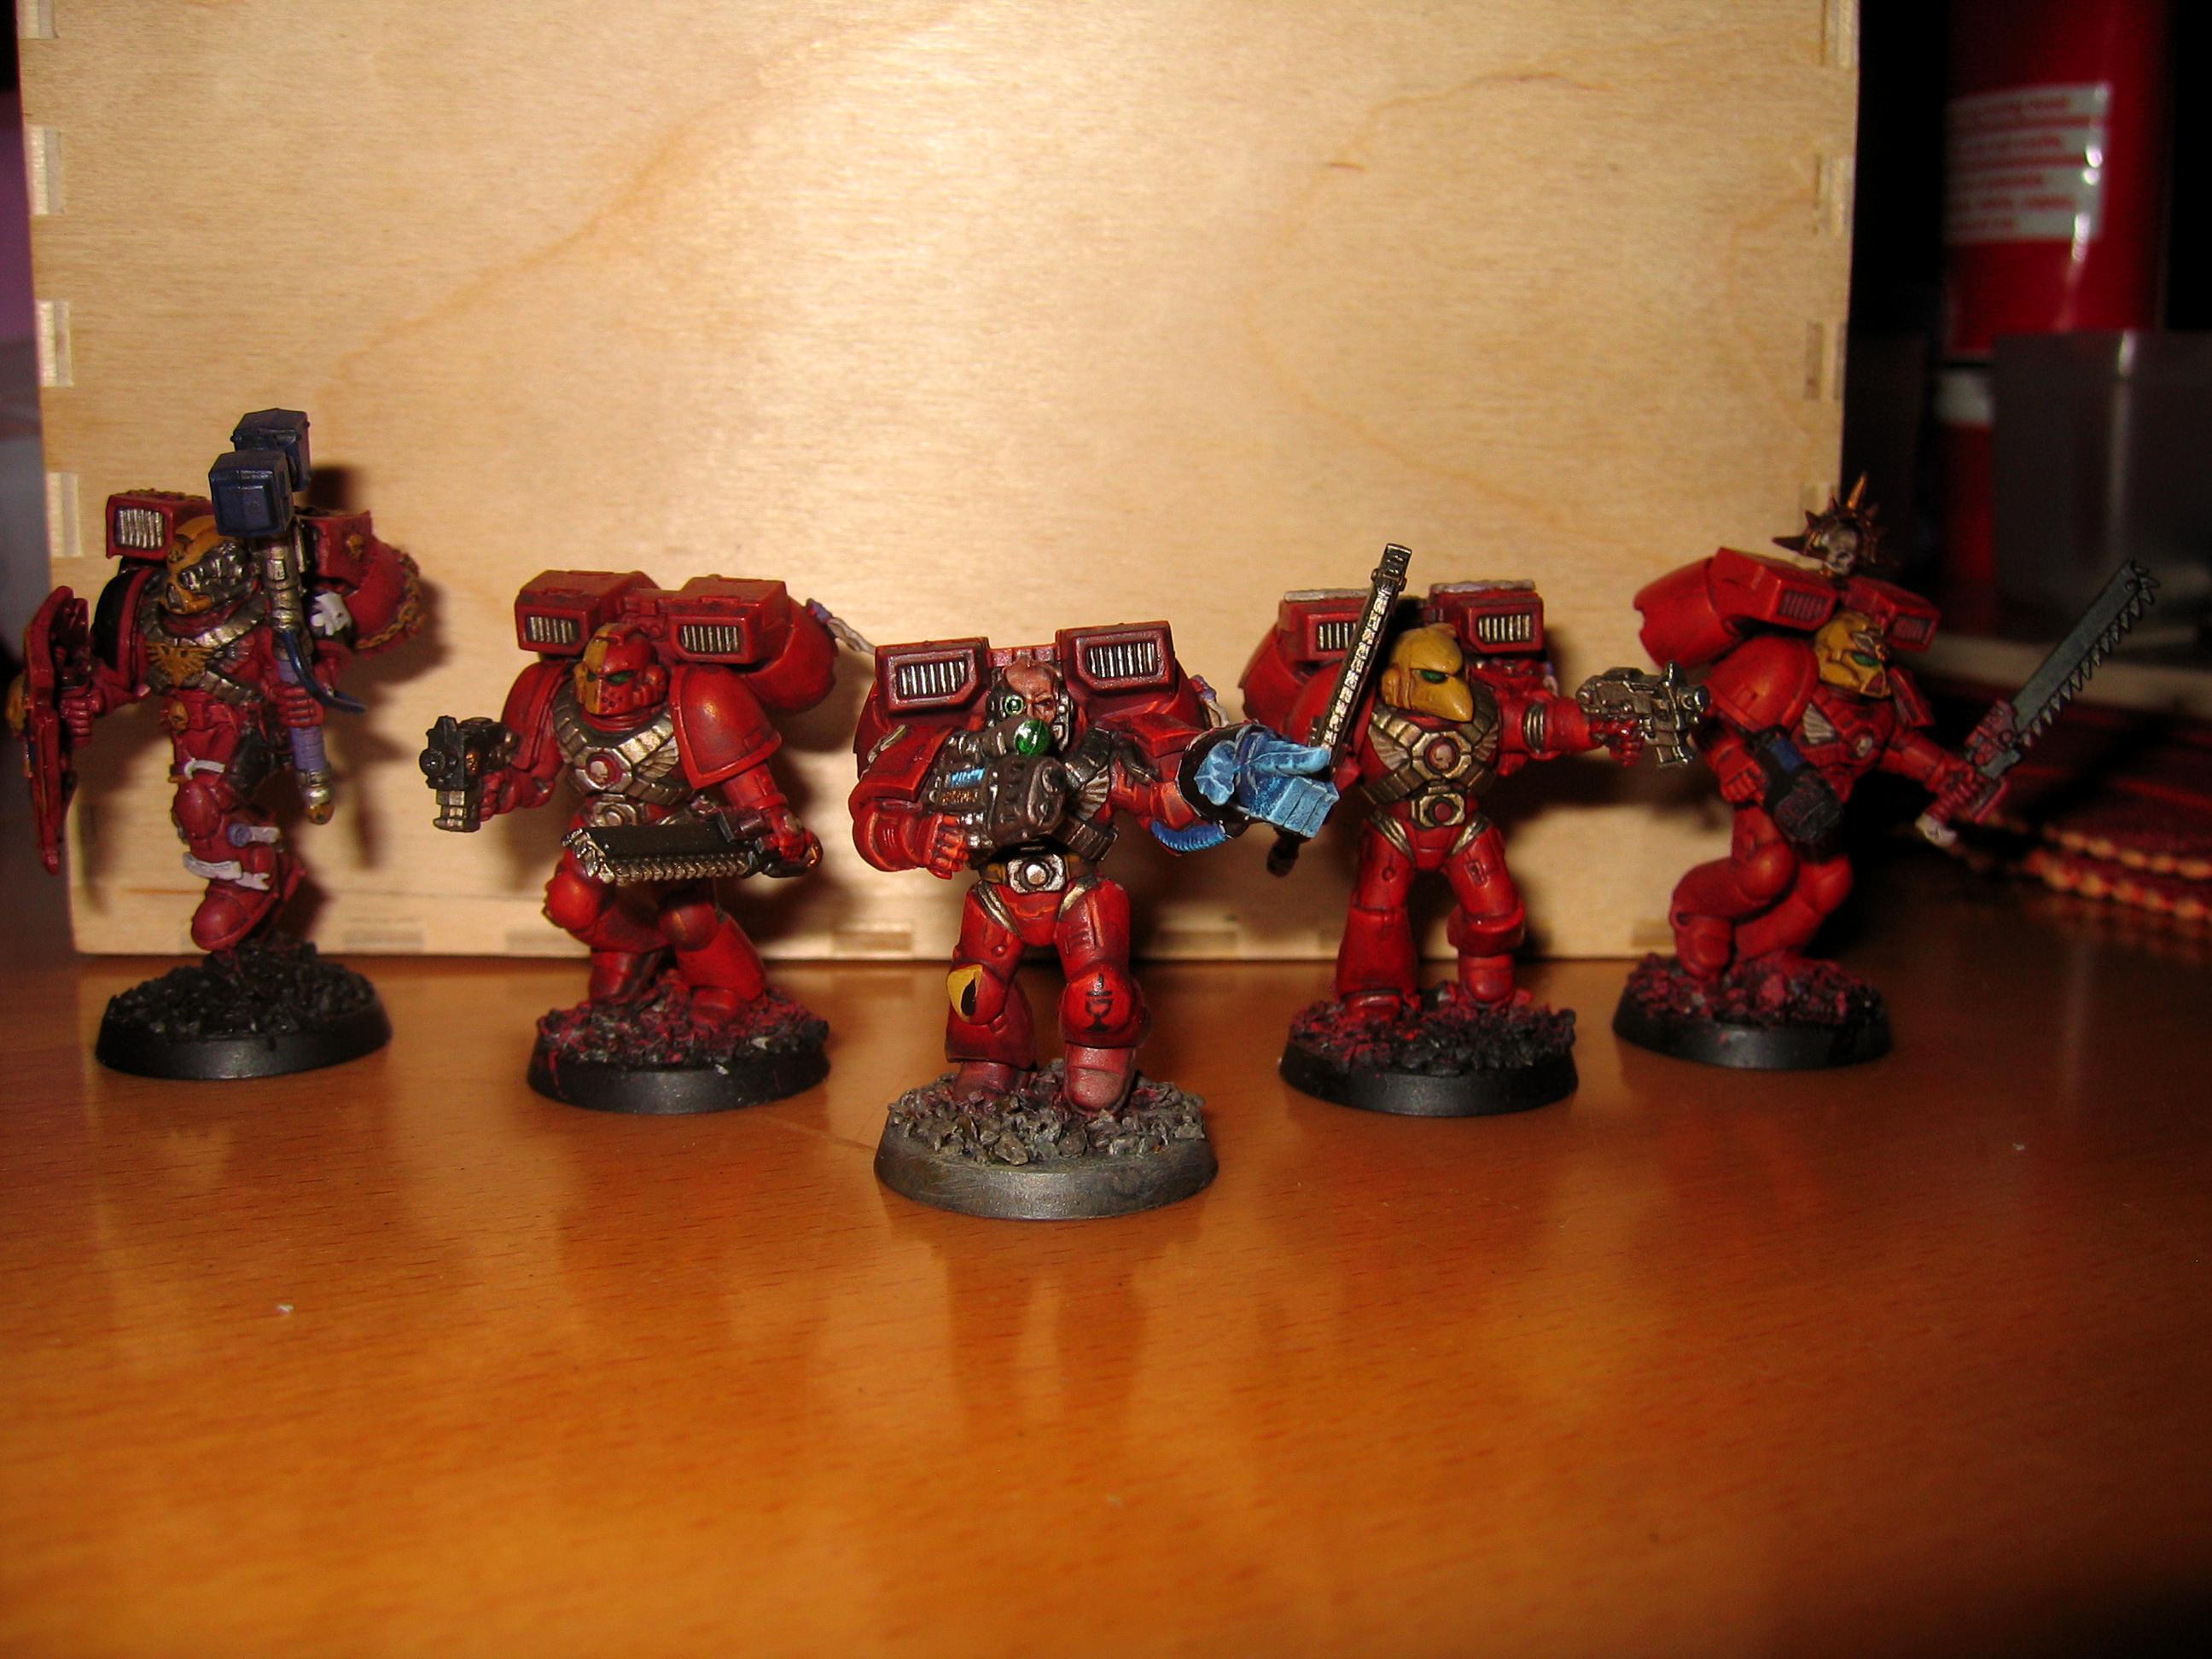 40k Armies, Blood Angels, Space Marines